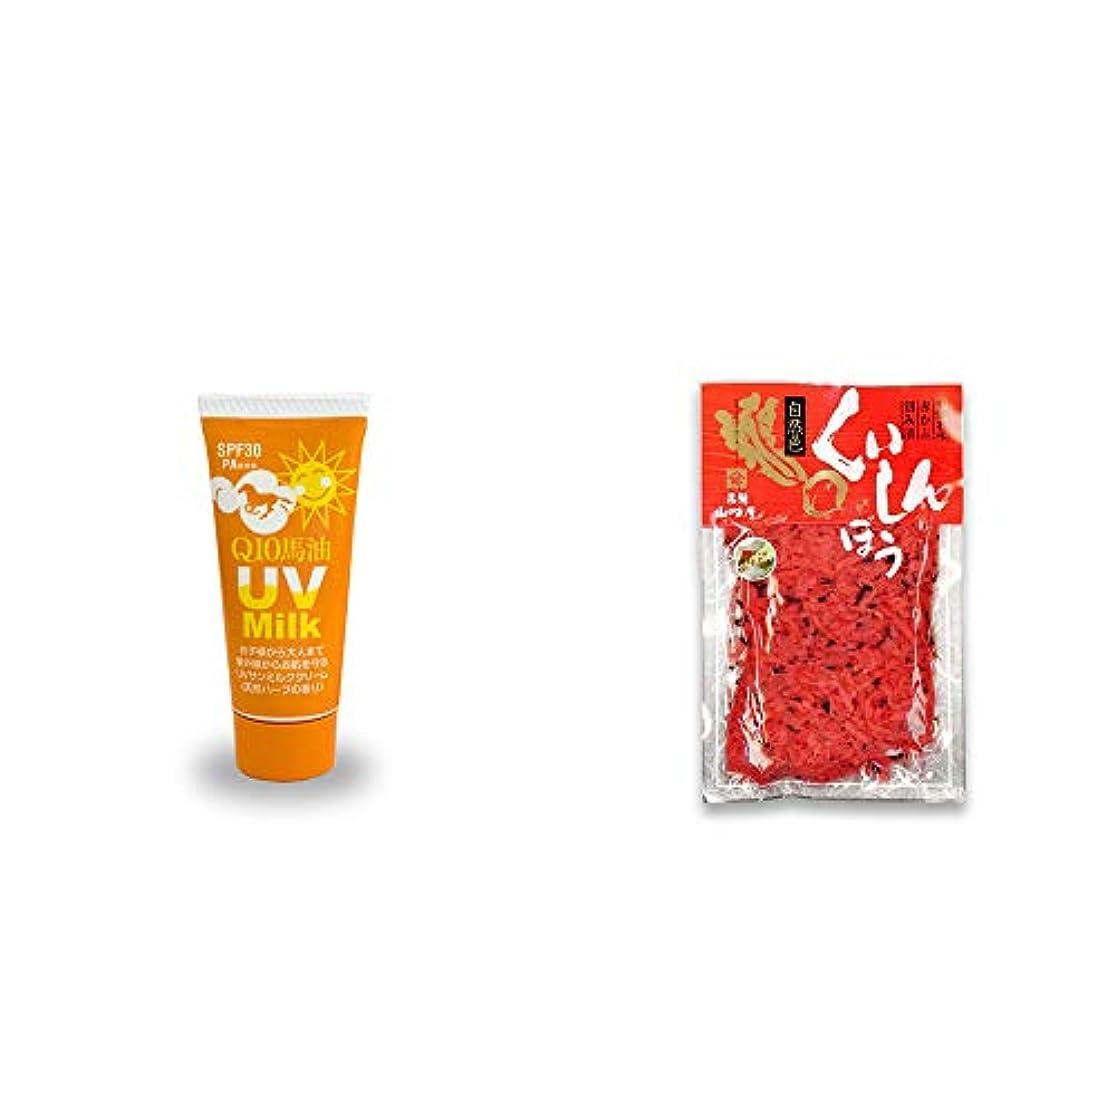 天国解説理容師[2点セット] 炭黒泉 Q10馬油 UVサンミルク[天然ハーブ](40g)?飛騨山味屋 くいしんぼう【小】 (160g)